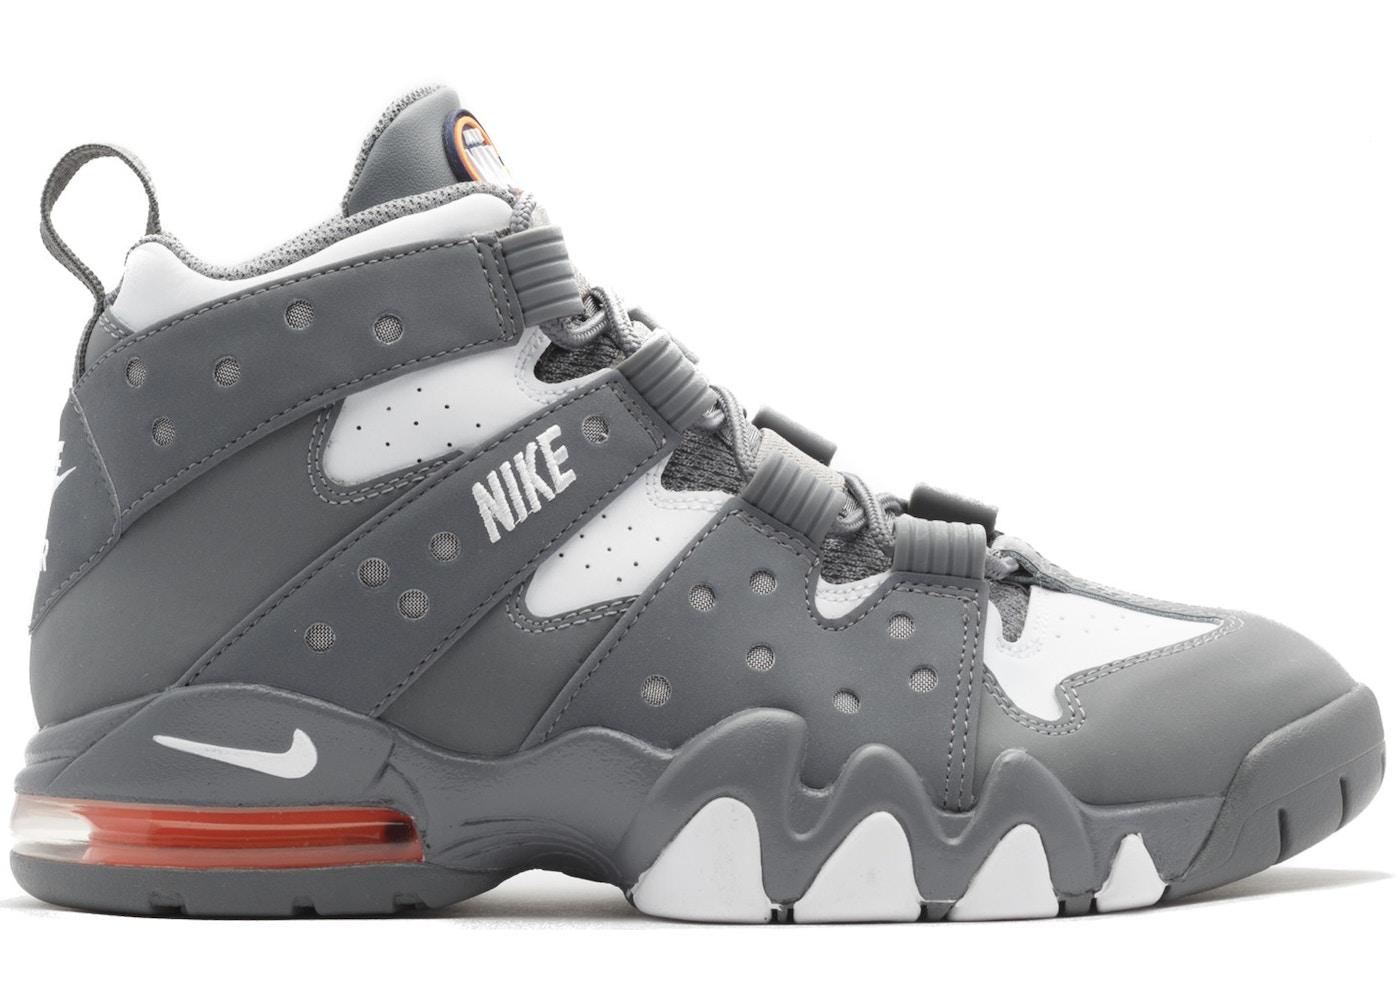 Nike Air Max 2 CB 94 Cool Grey White